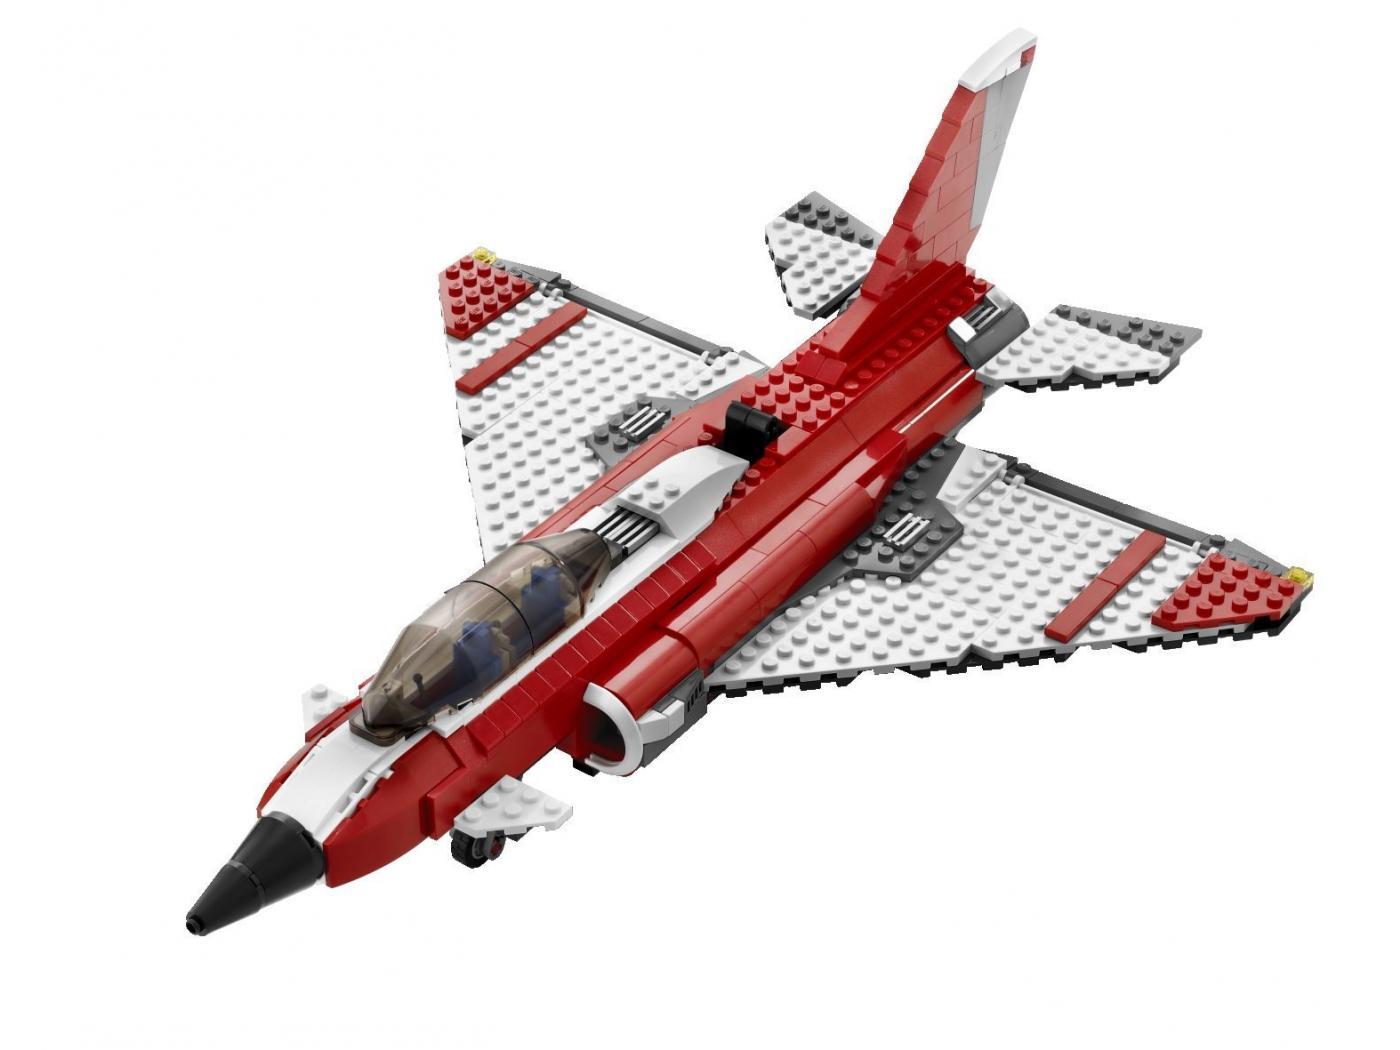 Lego l 39 avion supersonique - Avion de chasse en lego ...